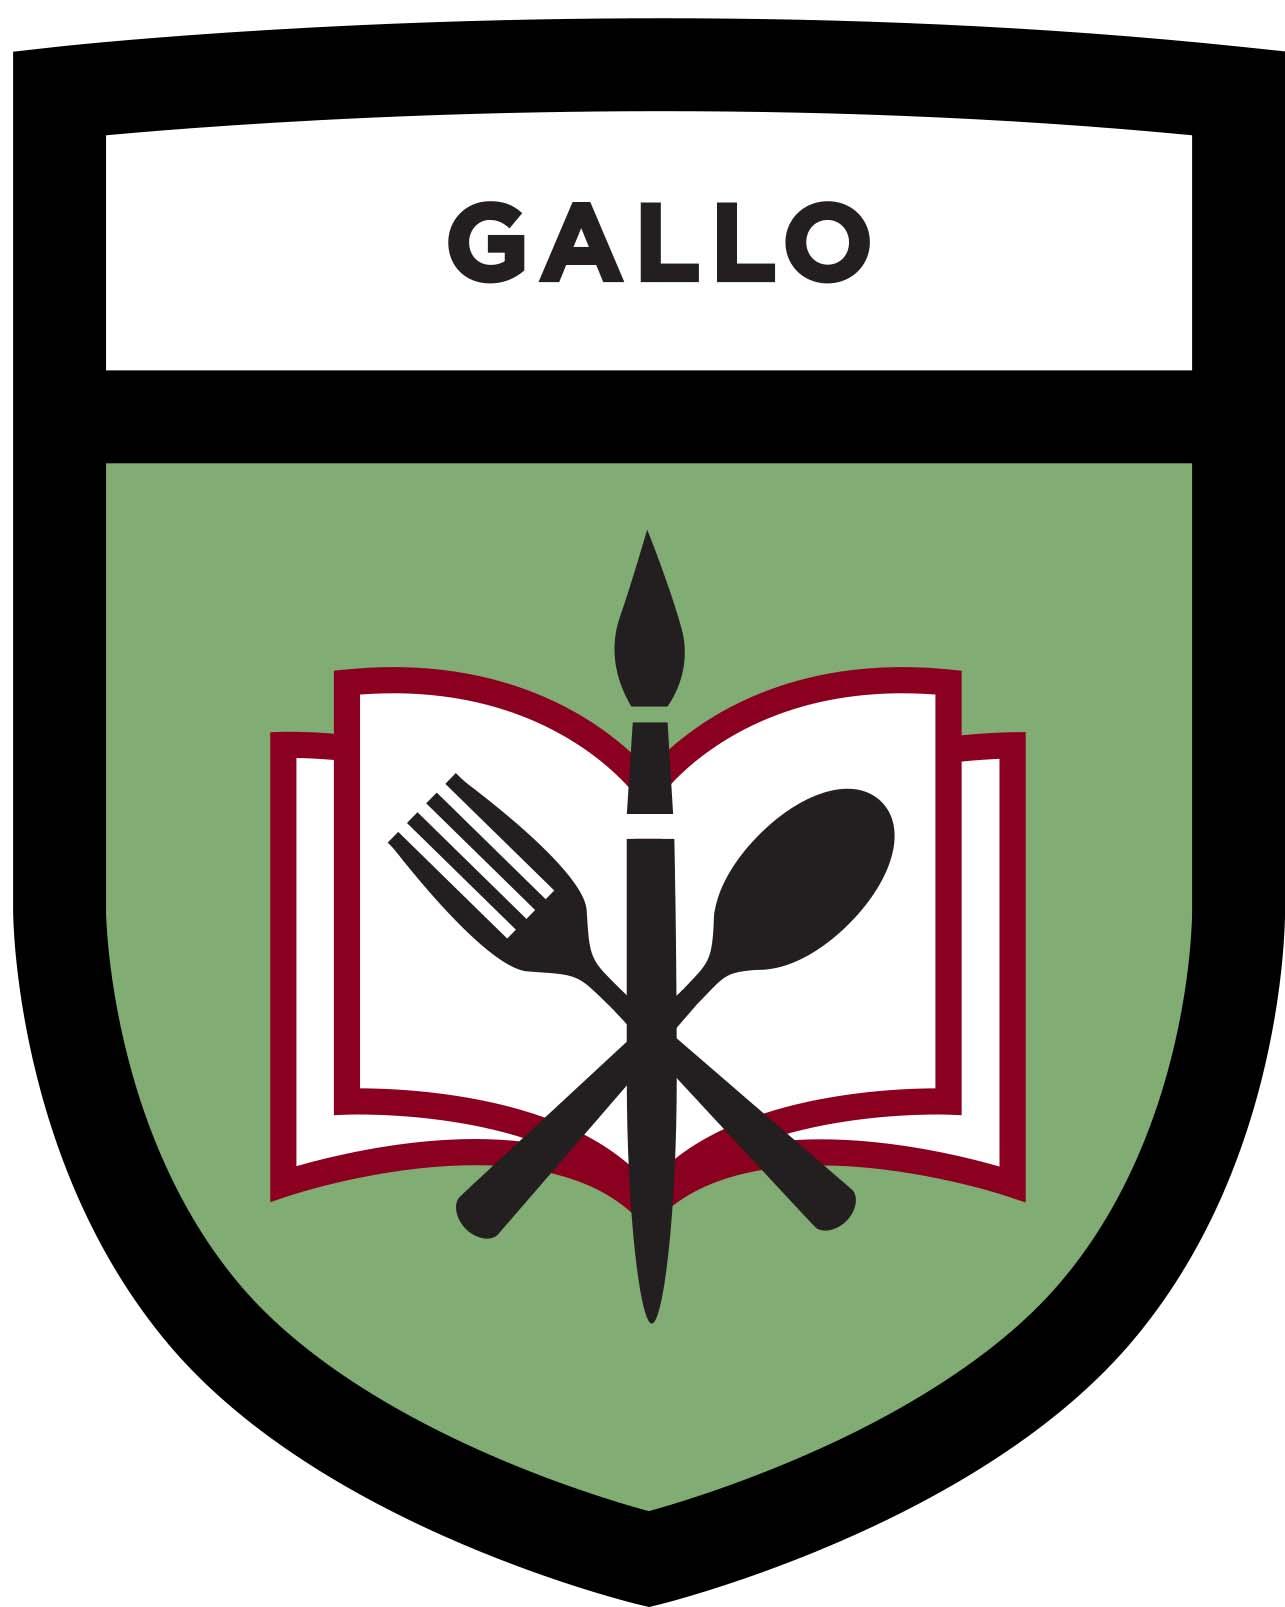 Gallo Shield